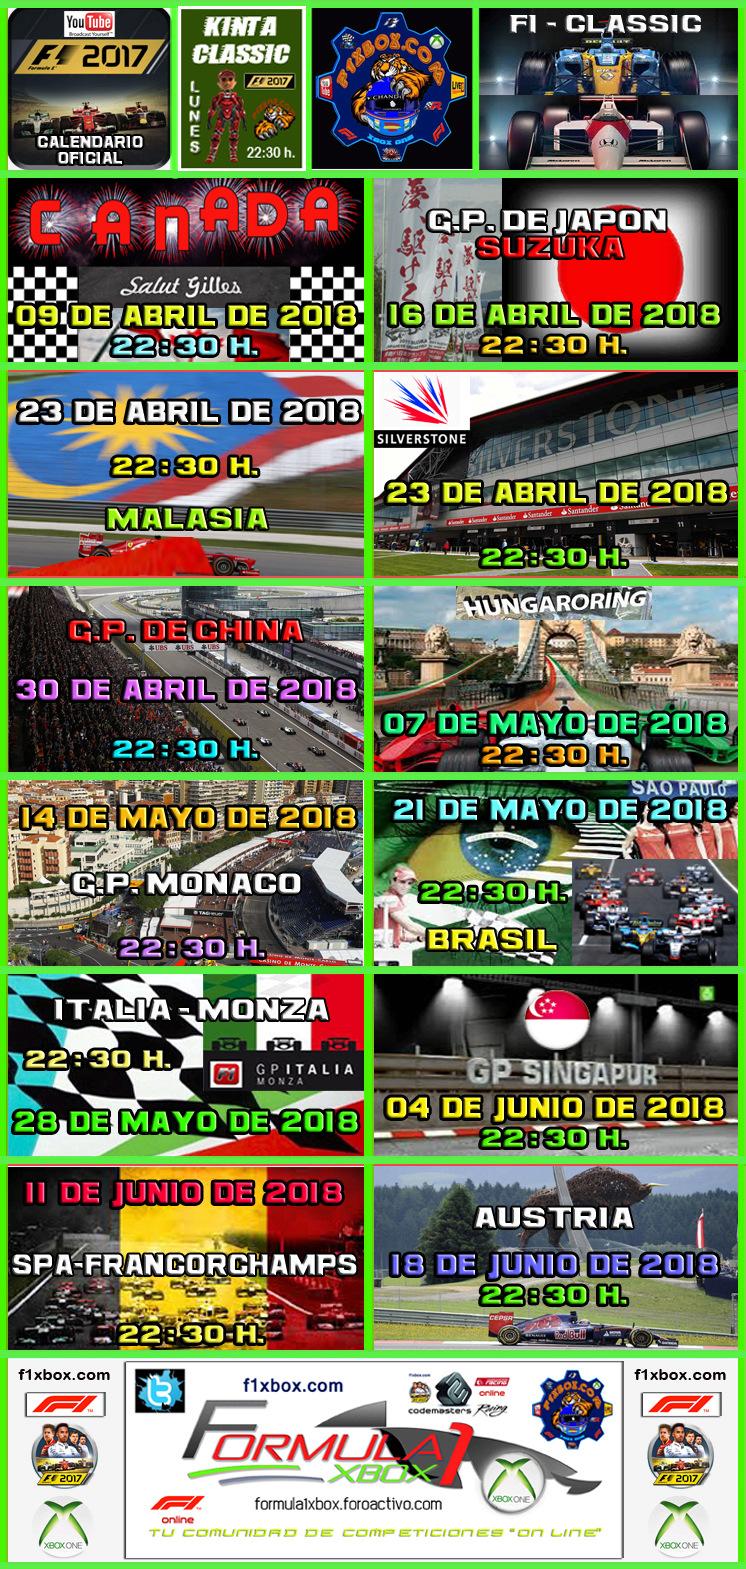 ¡ CAMPEÓN ! / F1 2017 / CAMPEONATO ONE CLASSIC - F1 XBOX / CAMPEÓN, PODIUM, CALENDARIO Y CLASIFICACIÓN FINAL.  Calend11